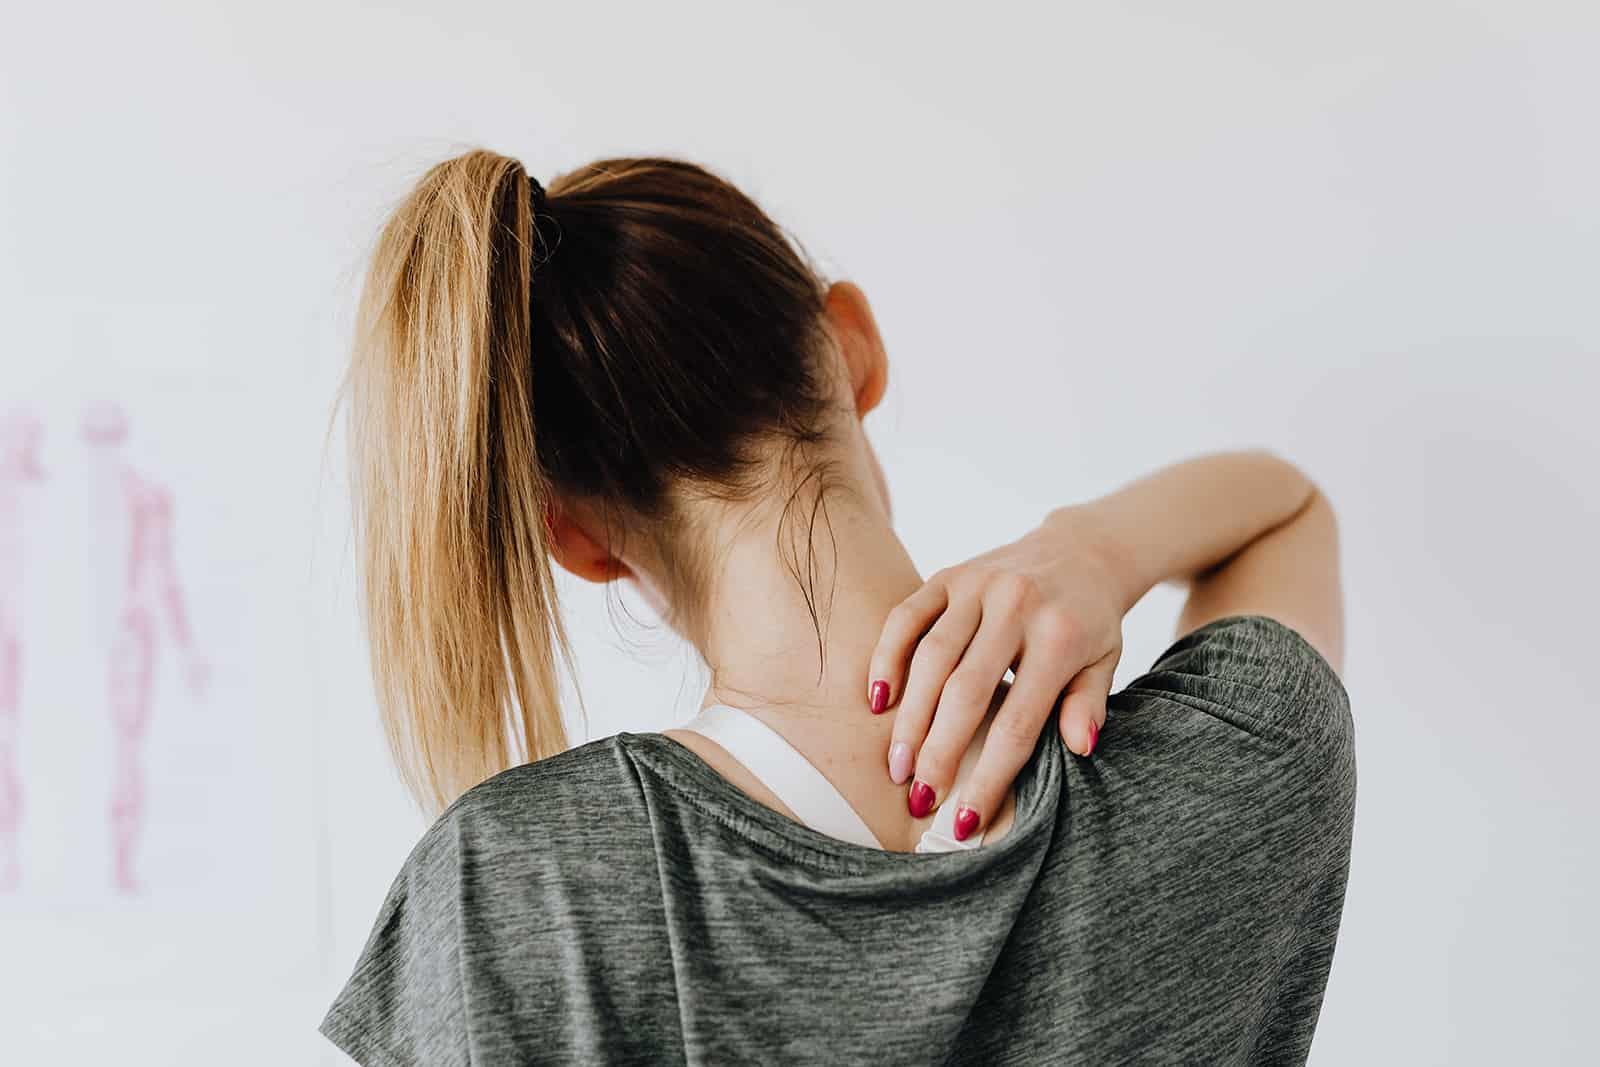 eine Frau, die ihren Schmerzpunkt auf ihrem Rücken berührt